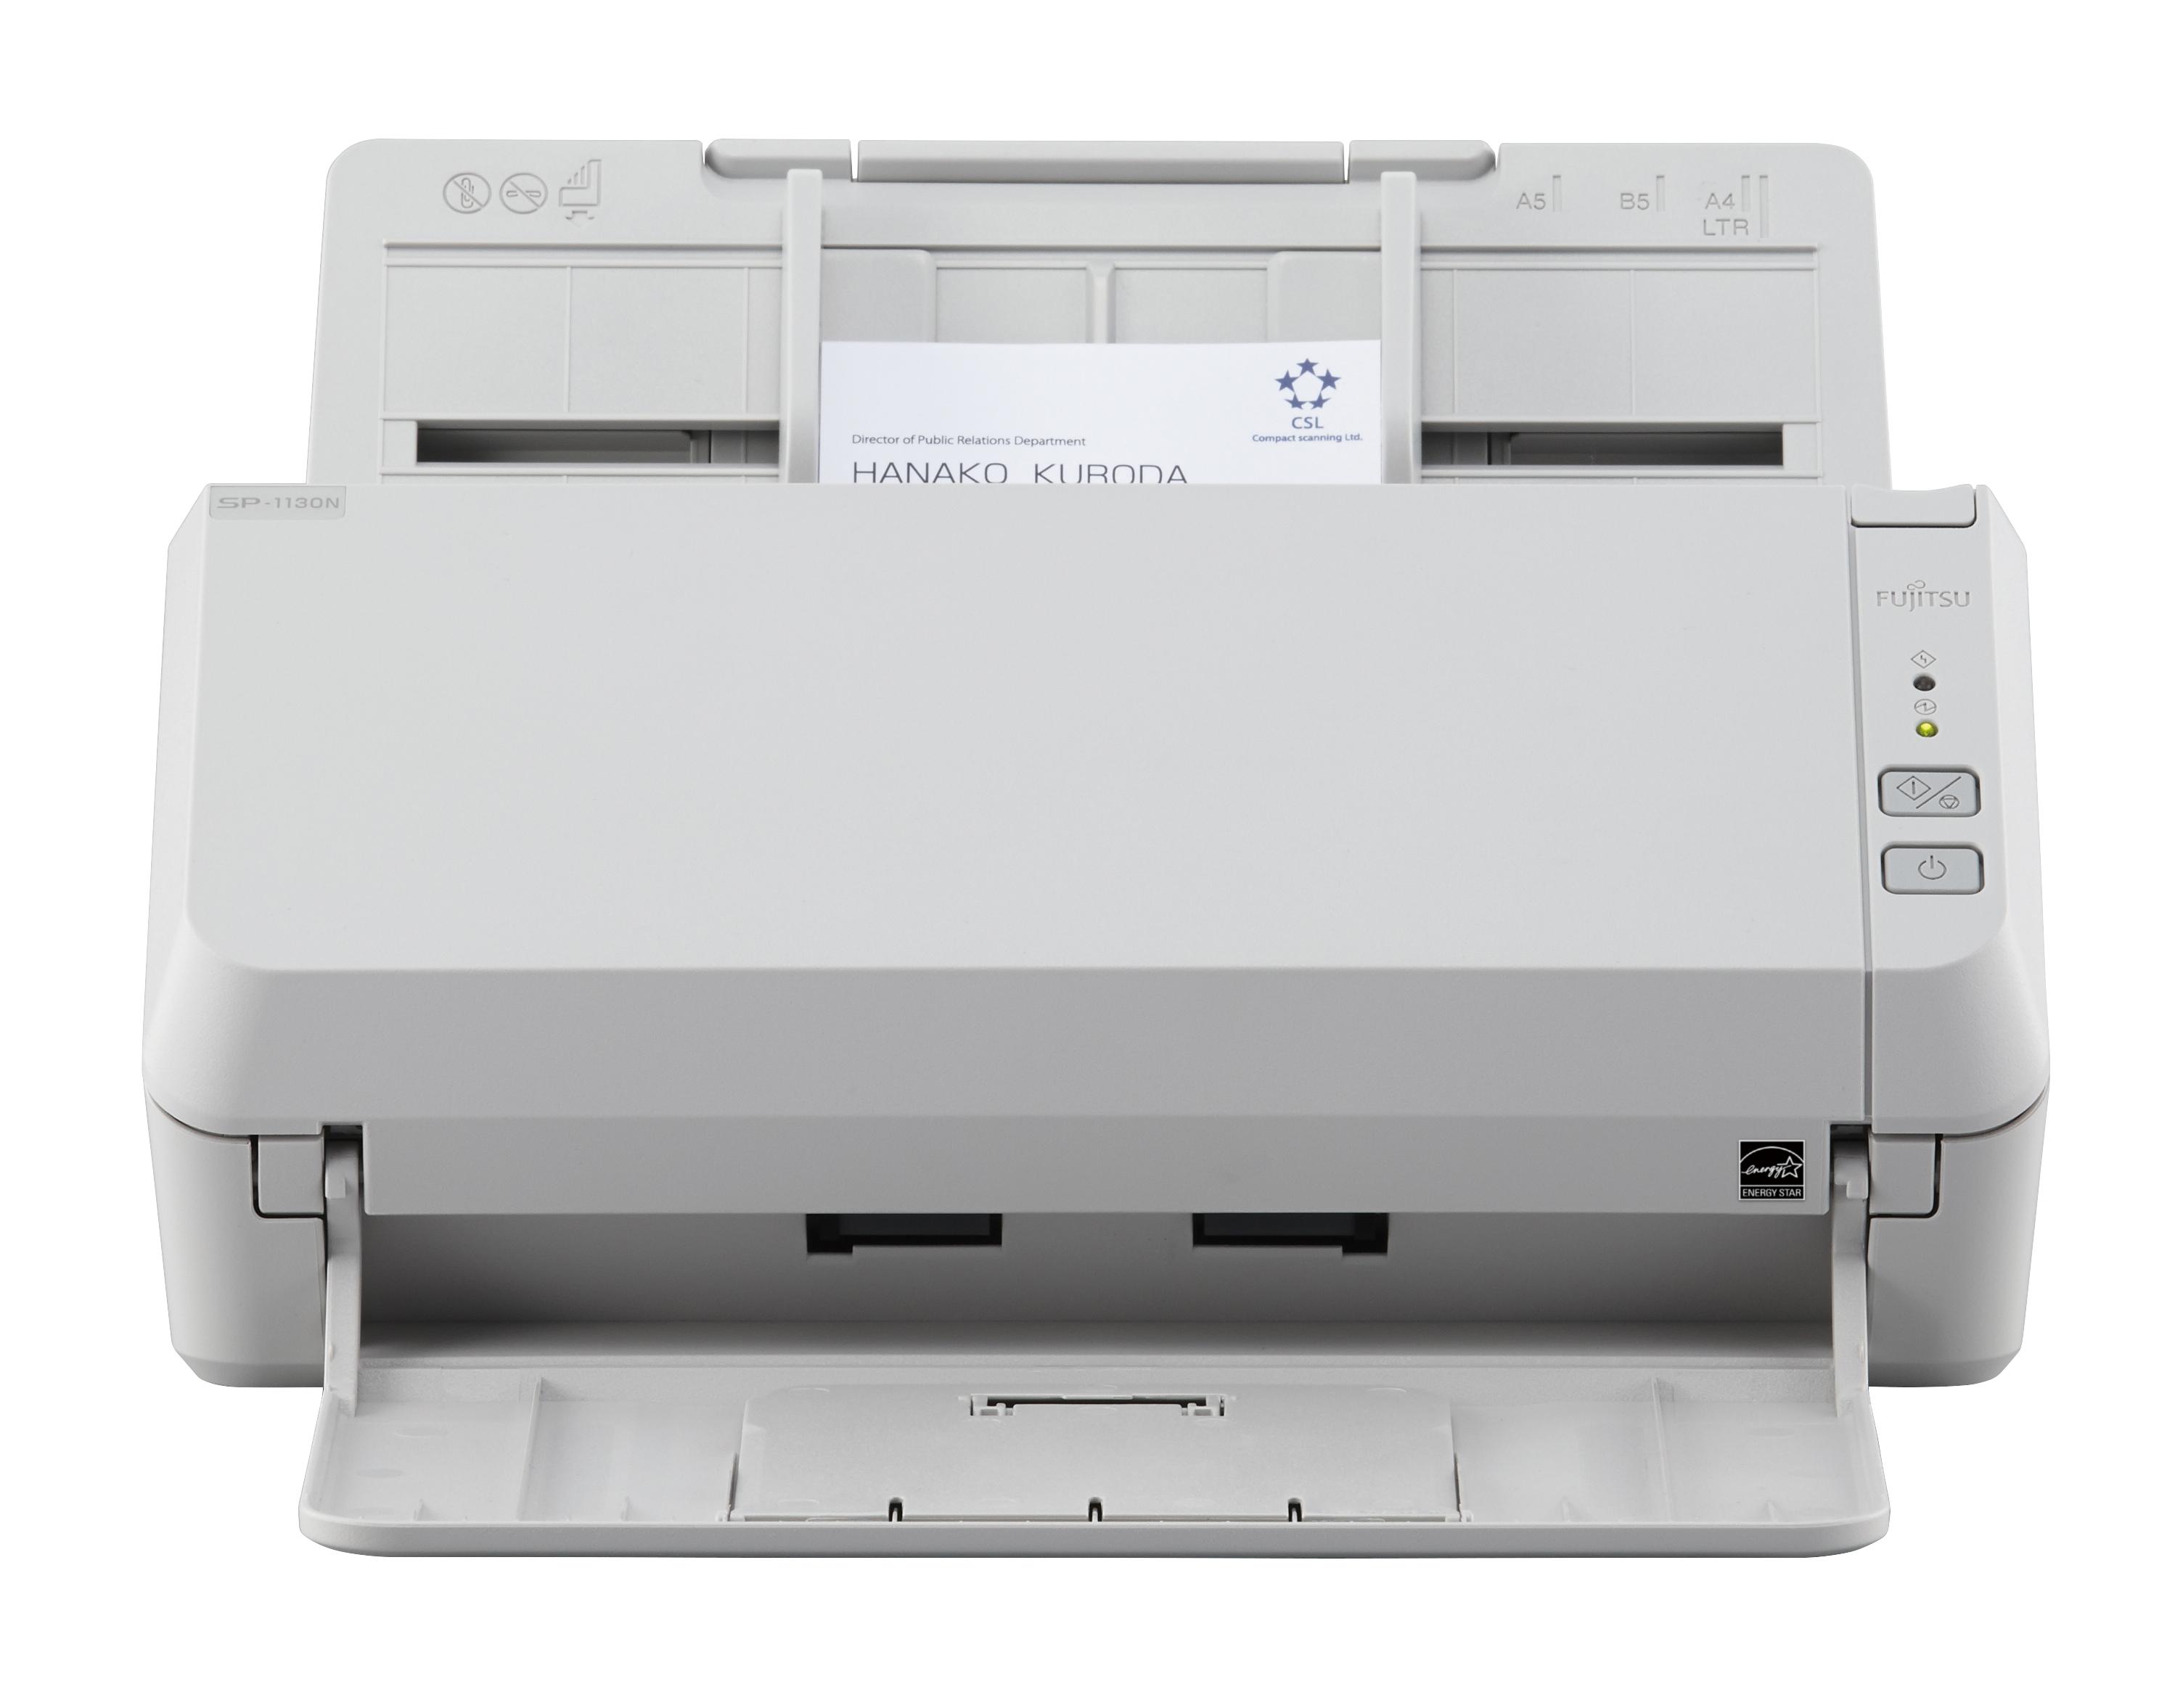 fujitsu SP-1130N A4 Duplex ADF Office Scanner PA03811-B021 - MW01